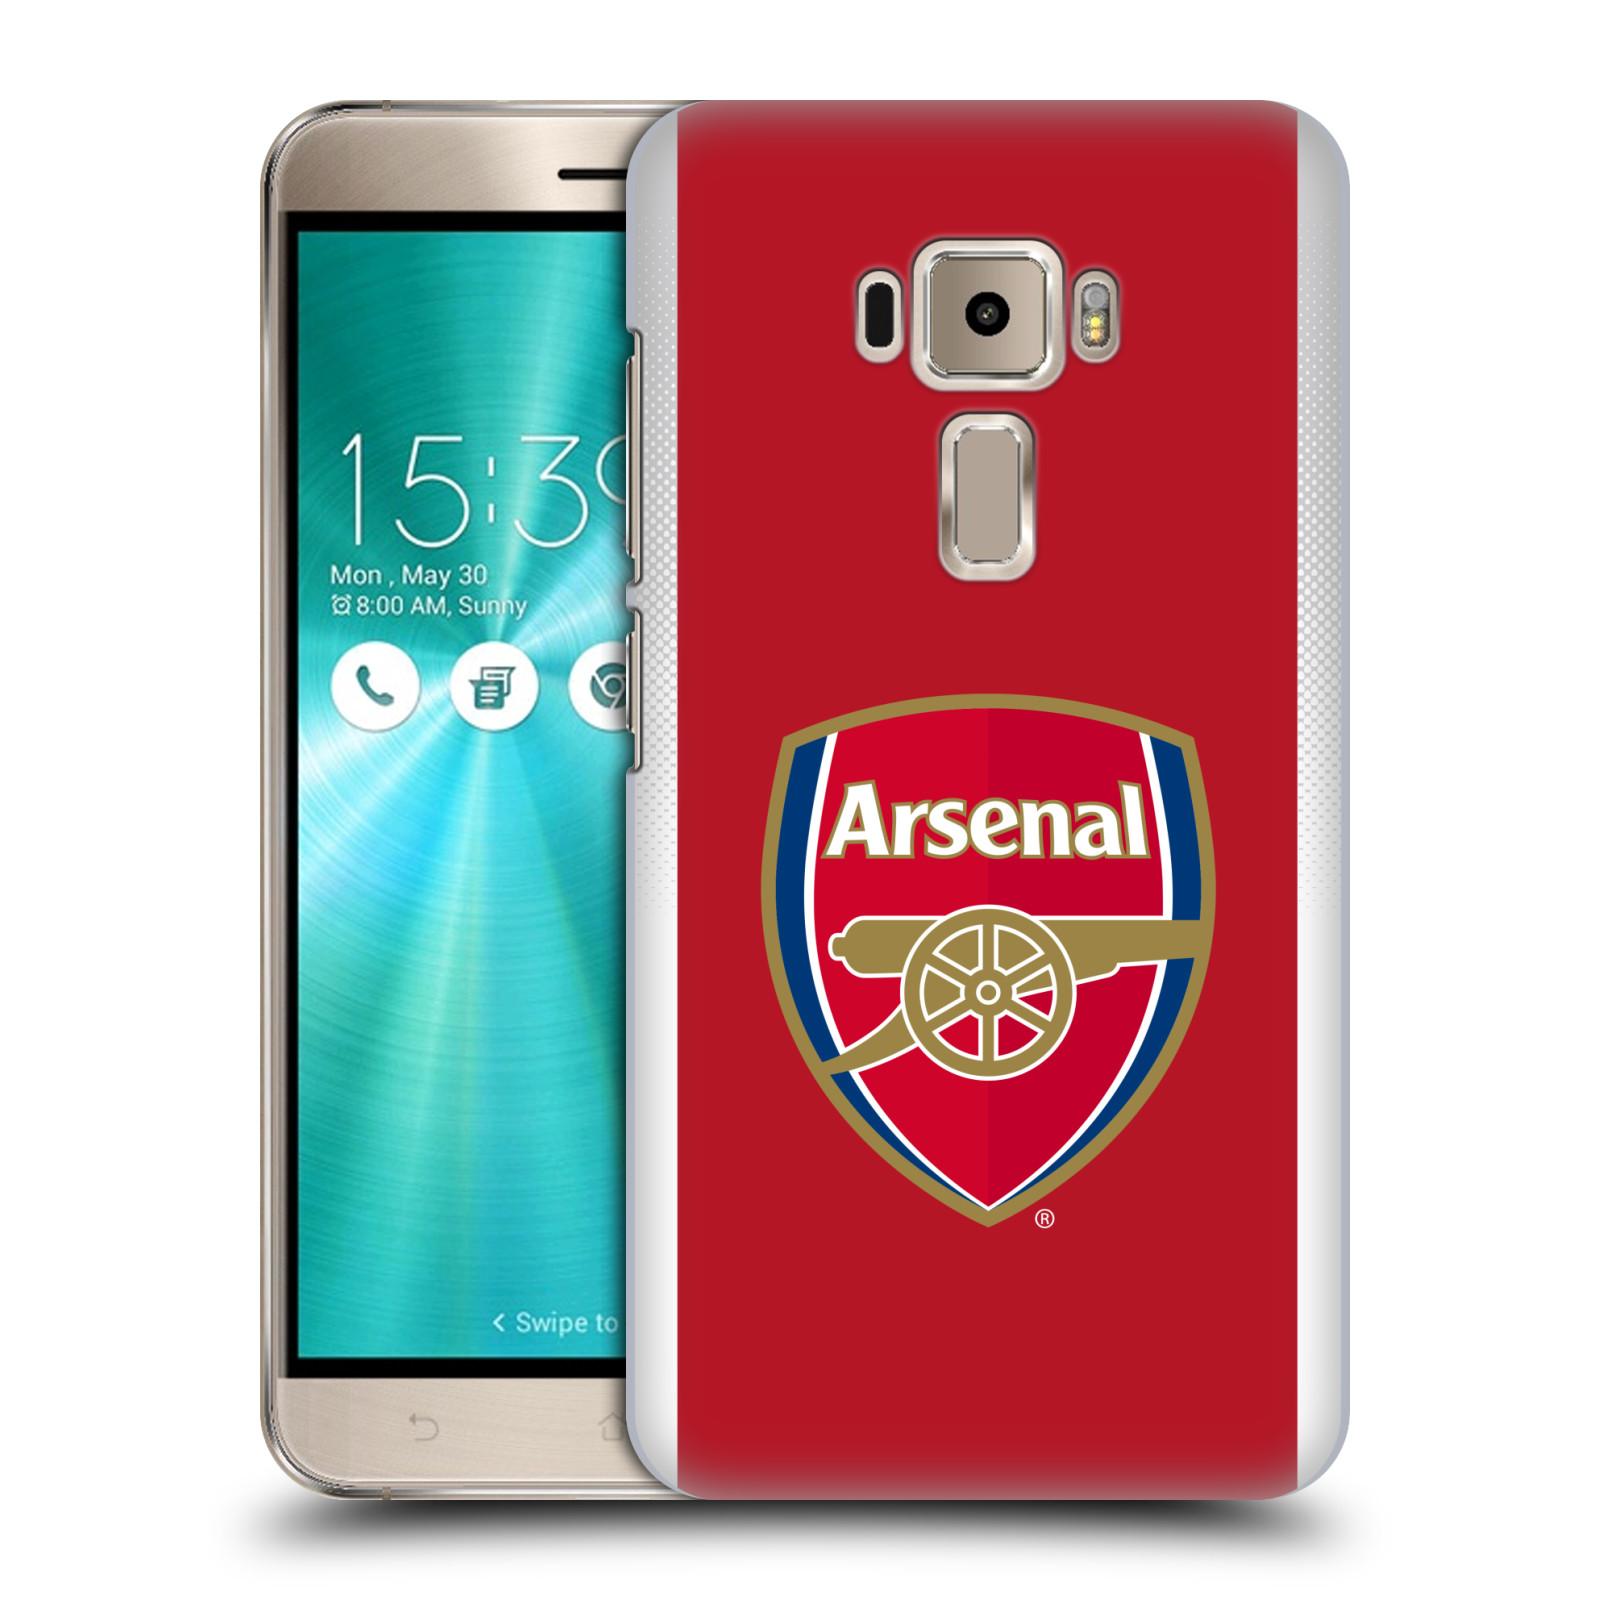 Plastové pouzdro na mobil Asus ZenFone 3 ZE520KL - Head Case - Arsenal FC - Logo klubu